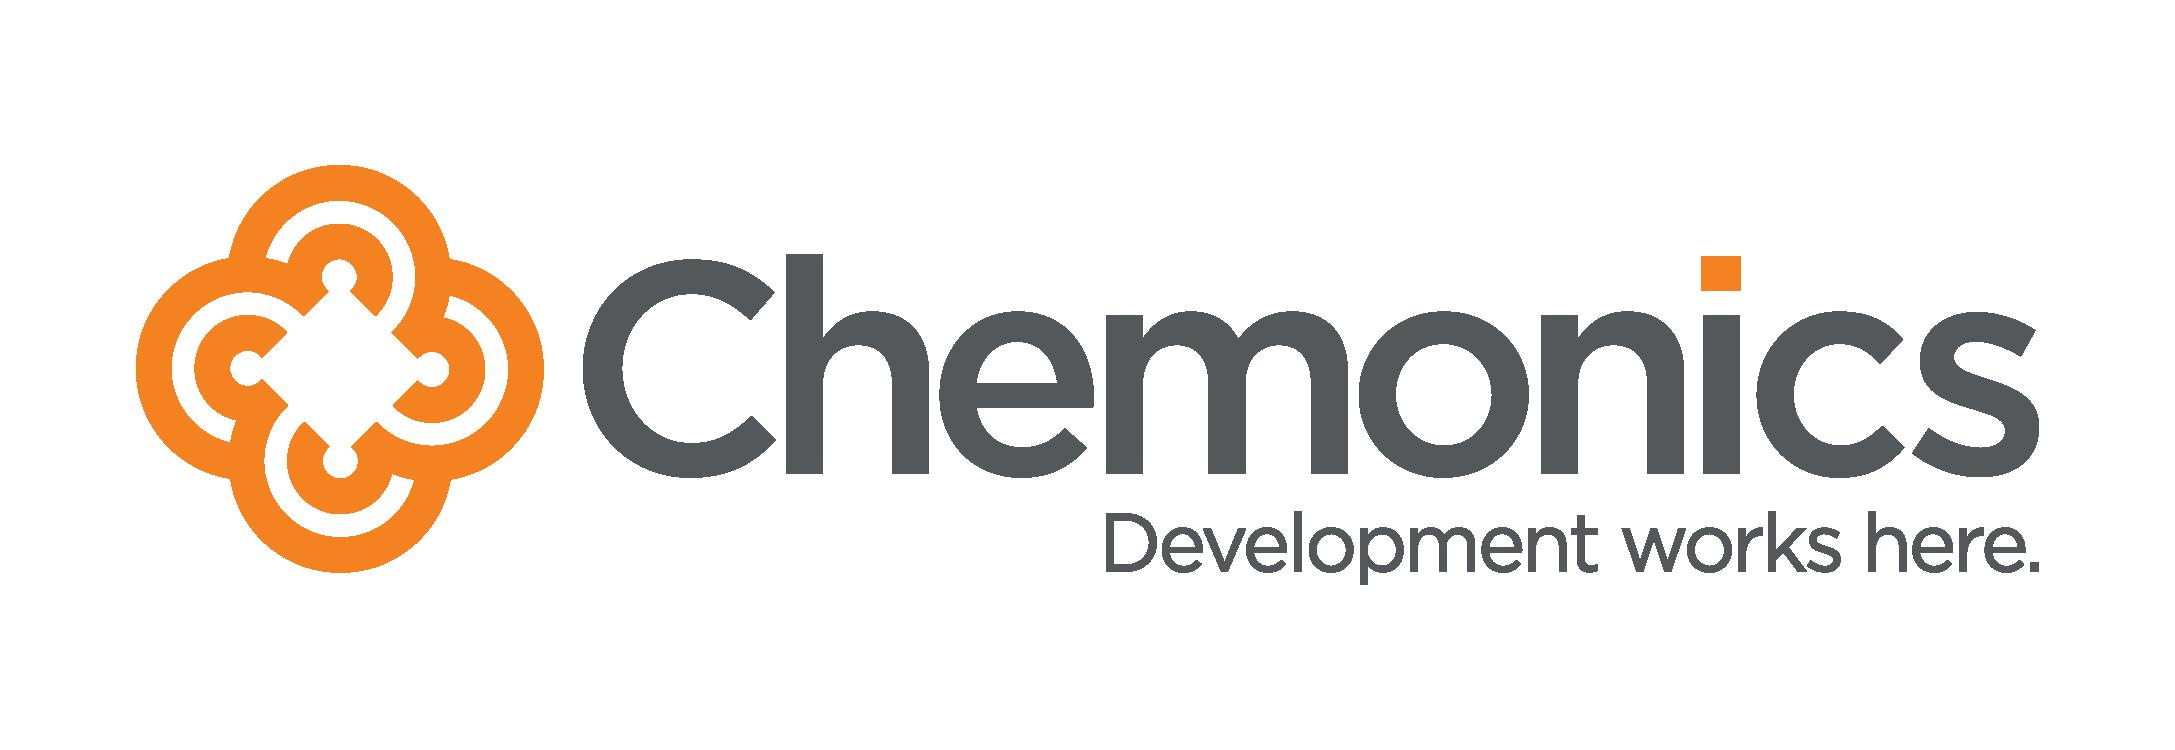 chemonics_logo